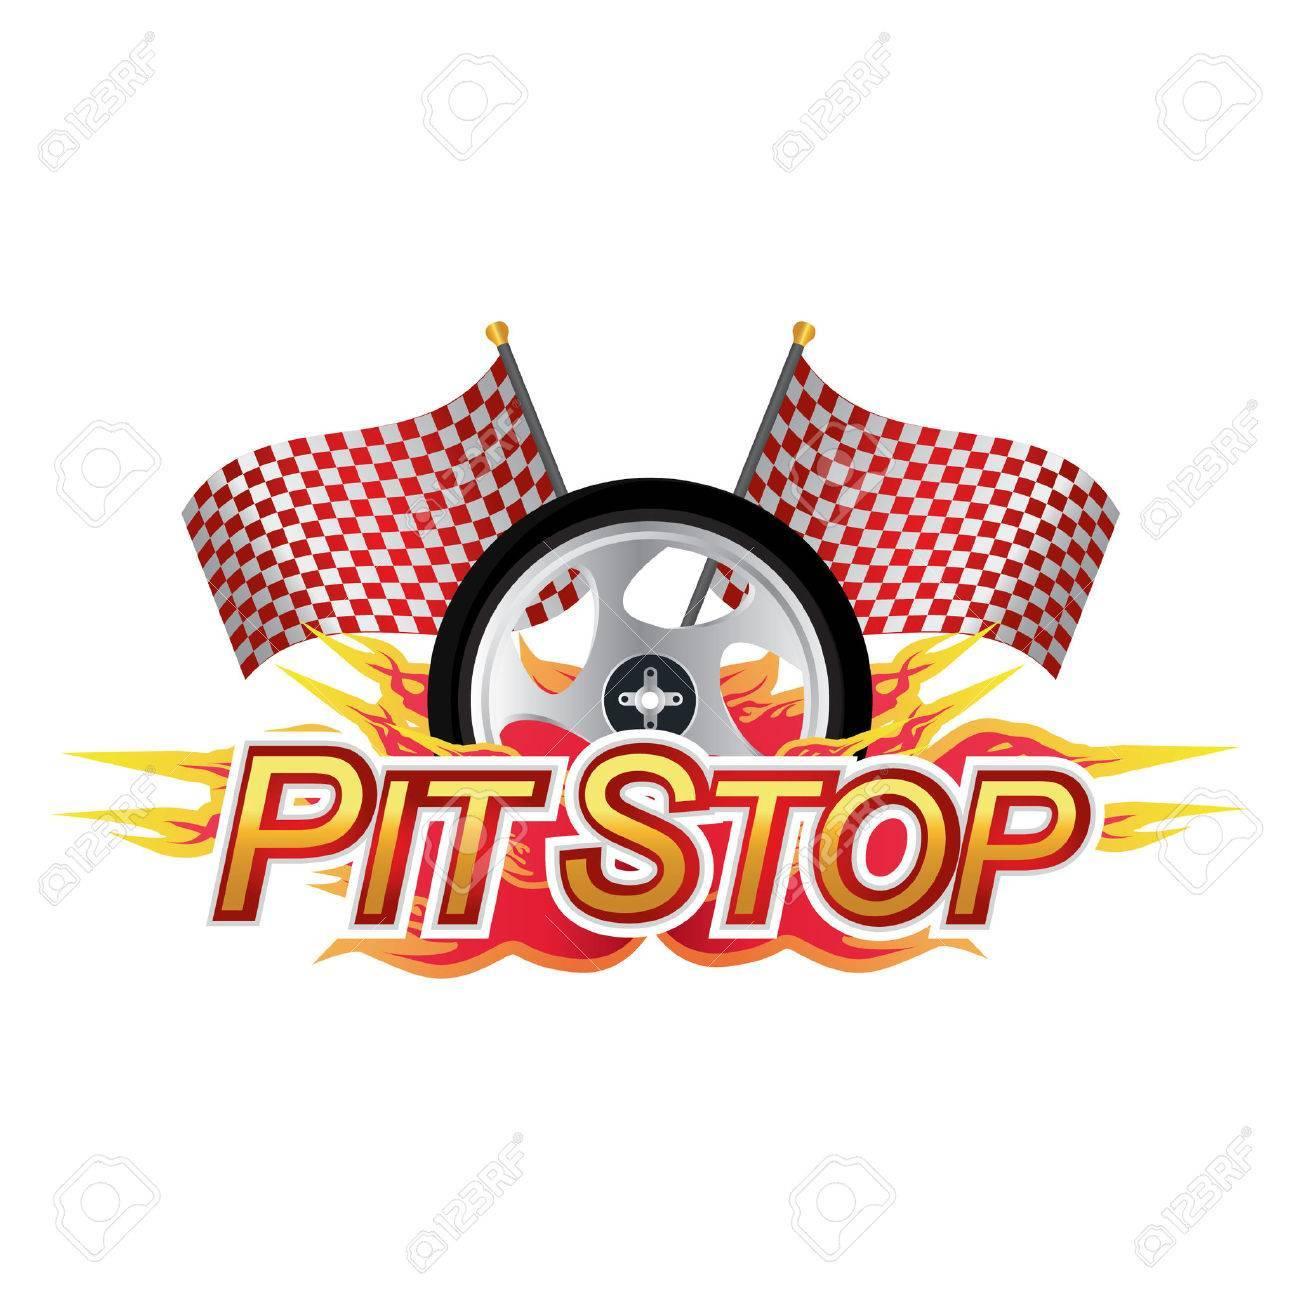 Pit stop clipart 2 » Clipart Portal.